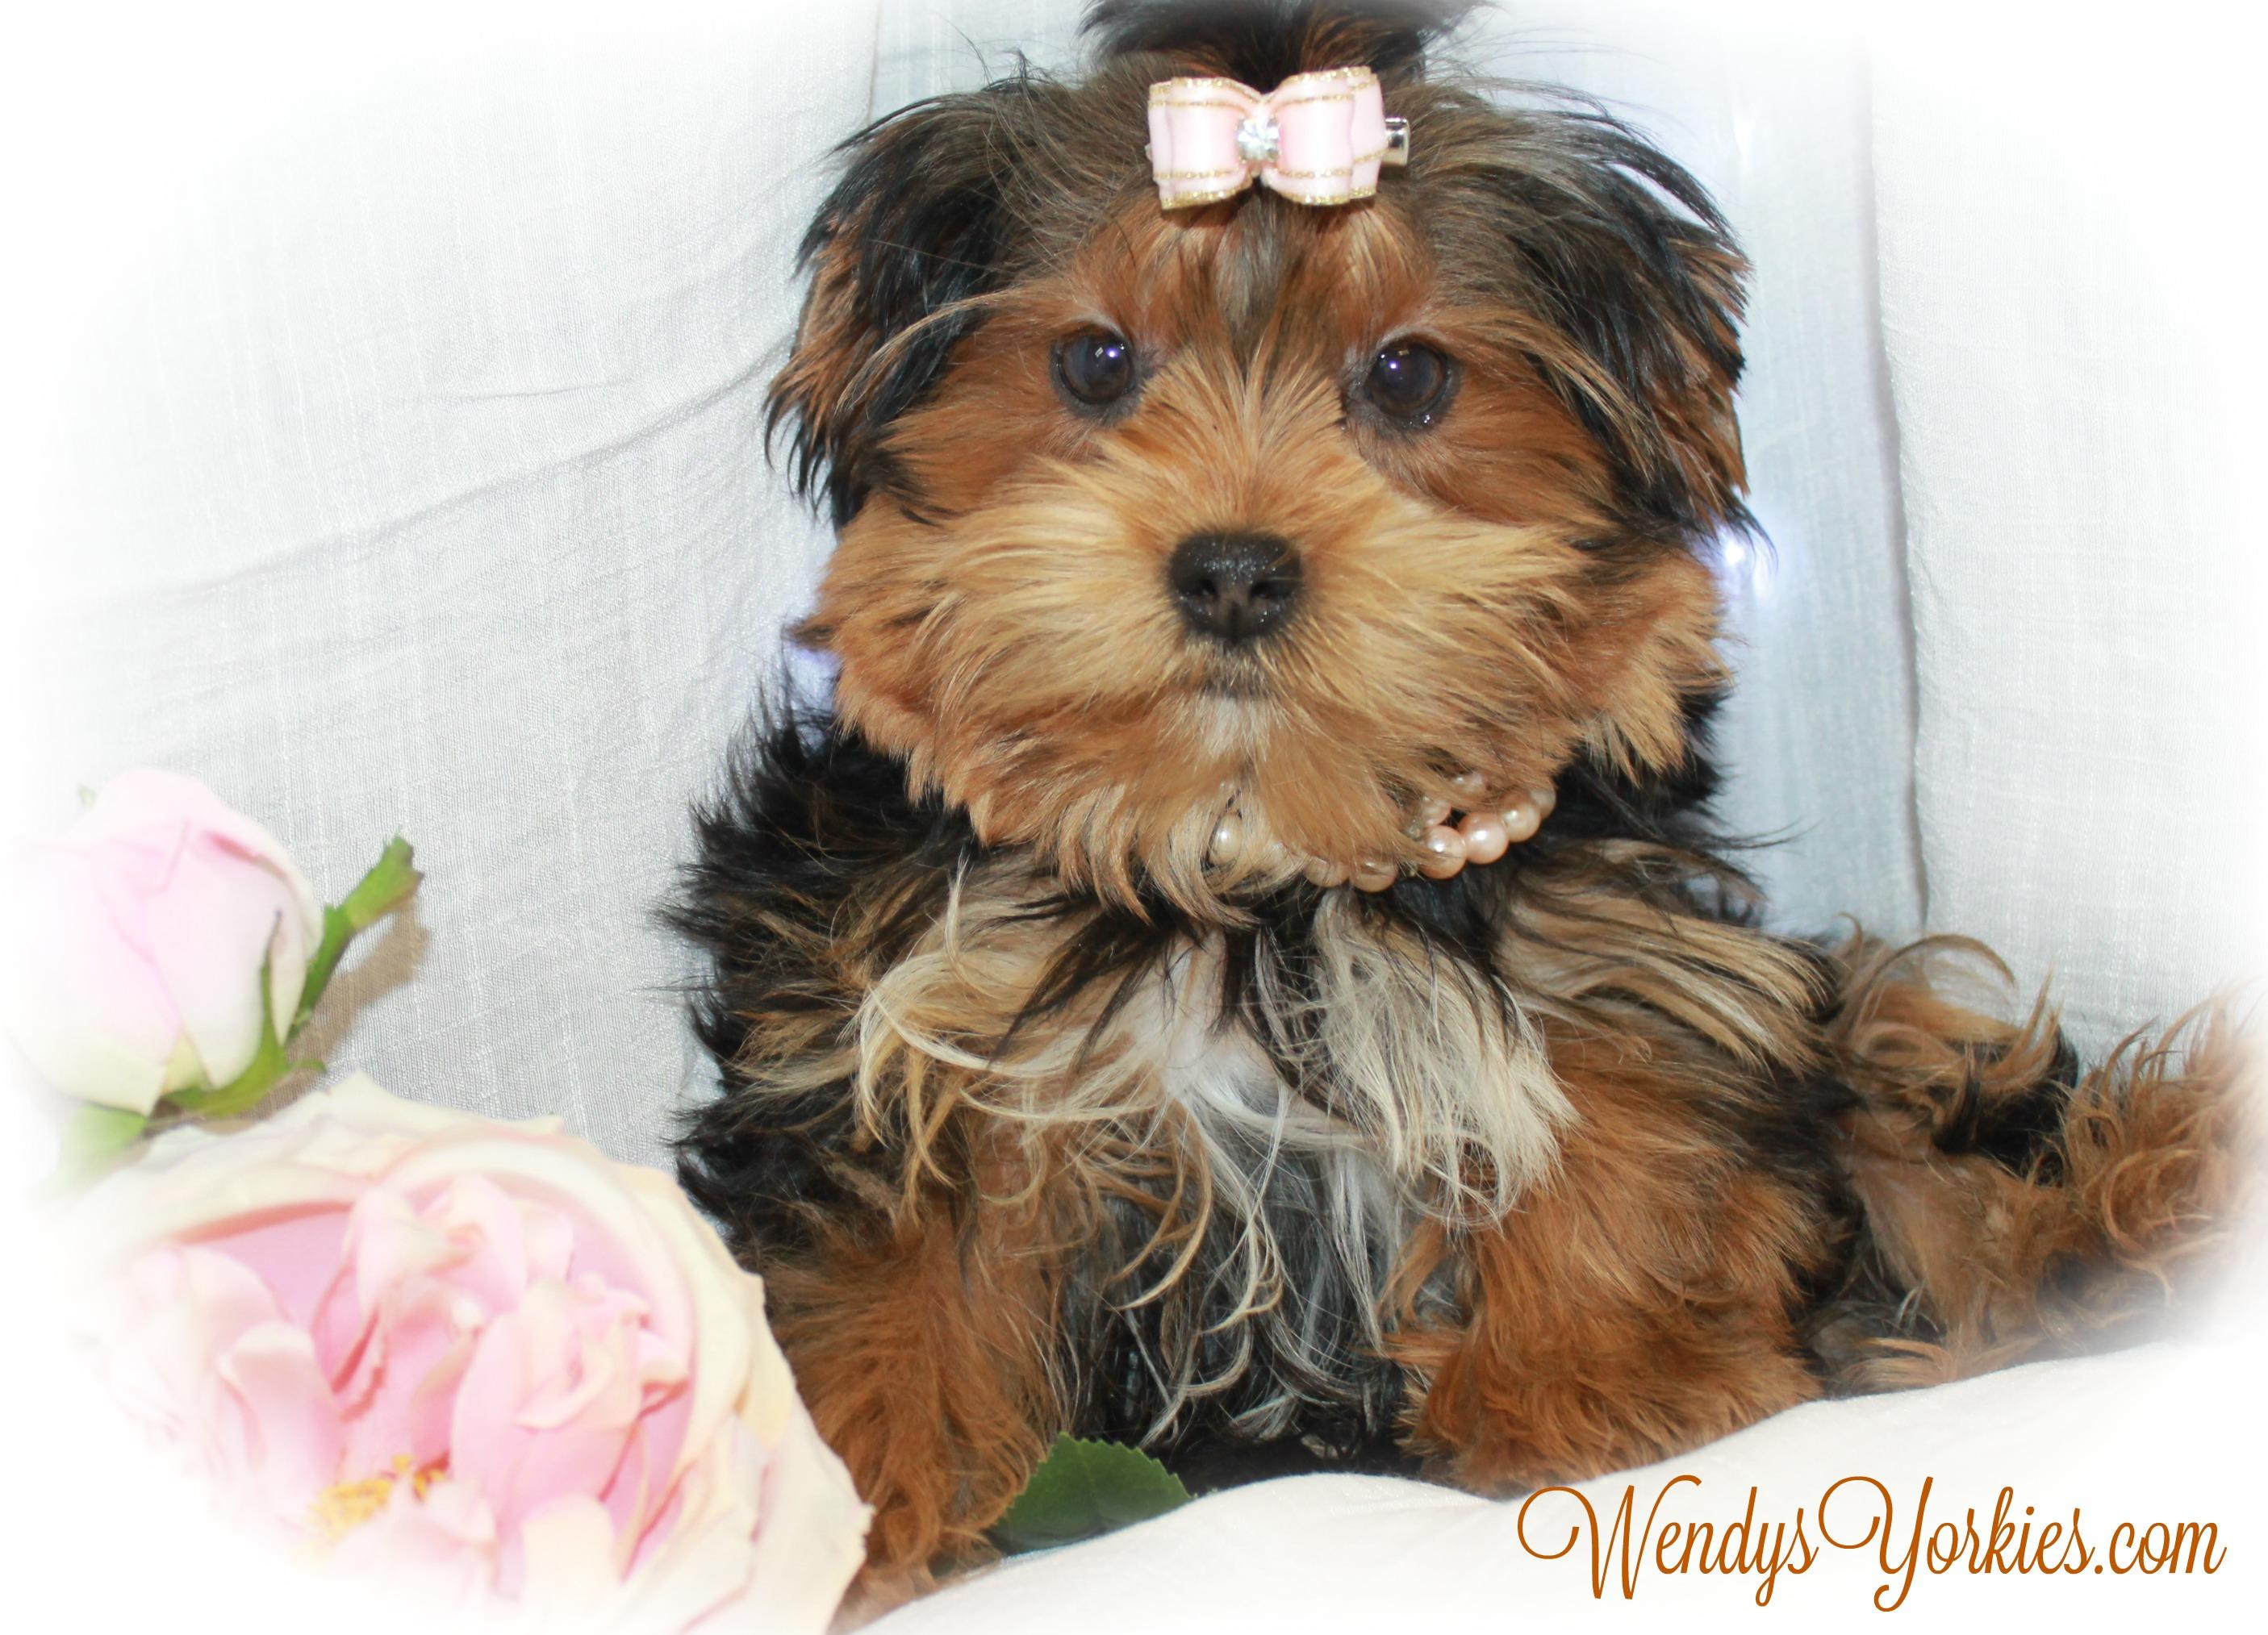 Yorkie puppy breeder in Texas, WendysYorkies, PhoebeDixie